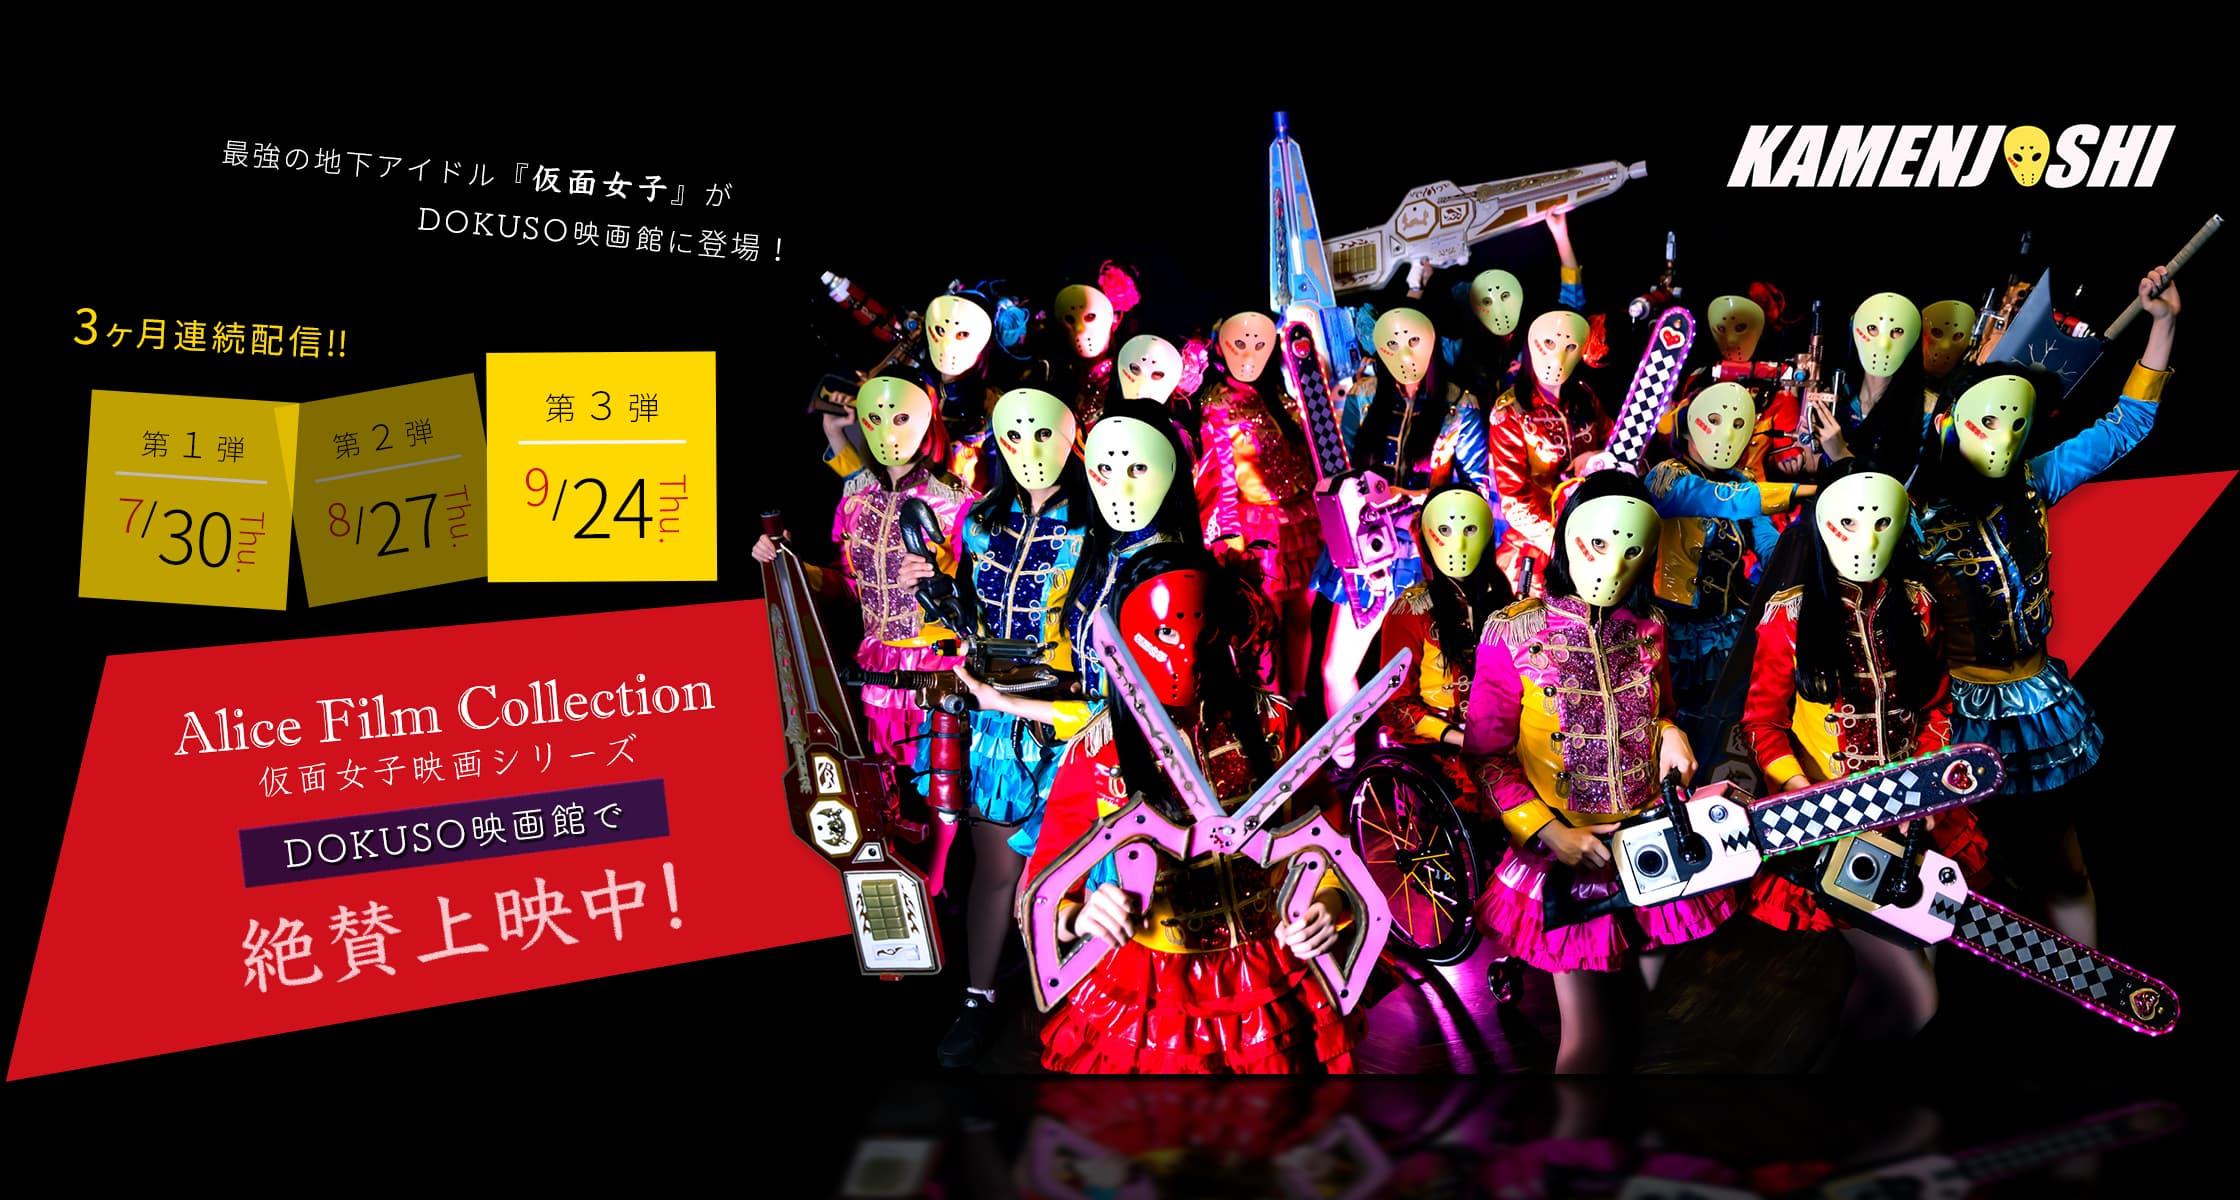 最強の地下アイドル『仮面女子』DOKUSO映画館に登場!3ヶ月連続配信!!仮面女子映画シリーズ DOKUSO映画館で上映スタート!